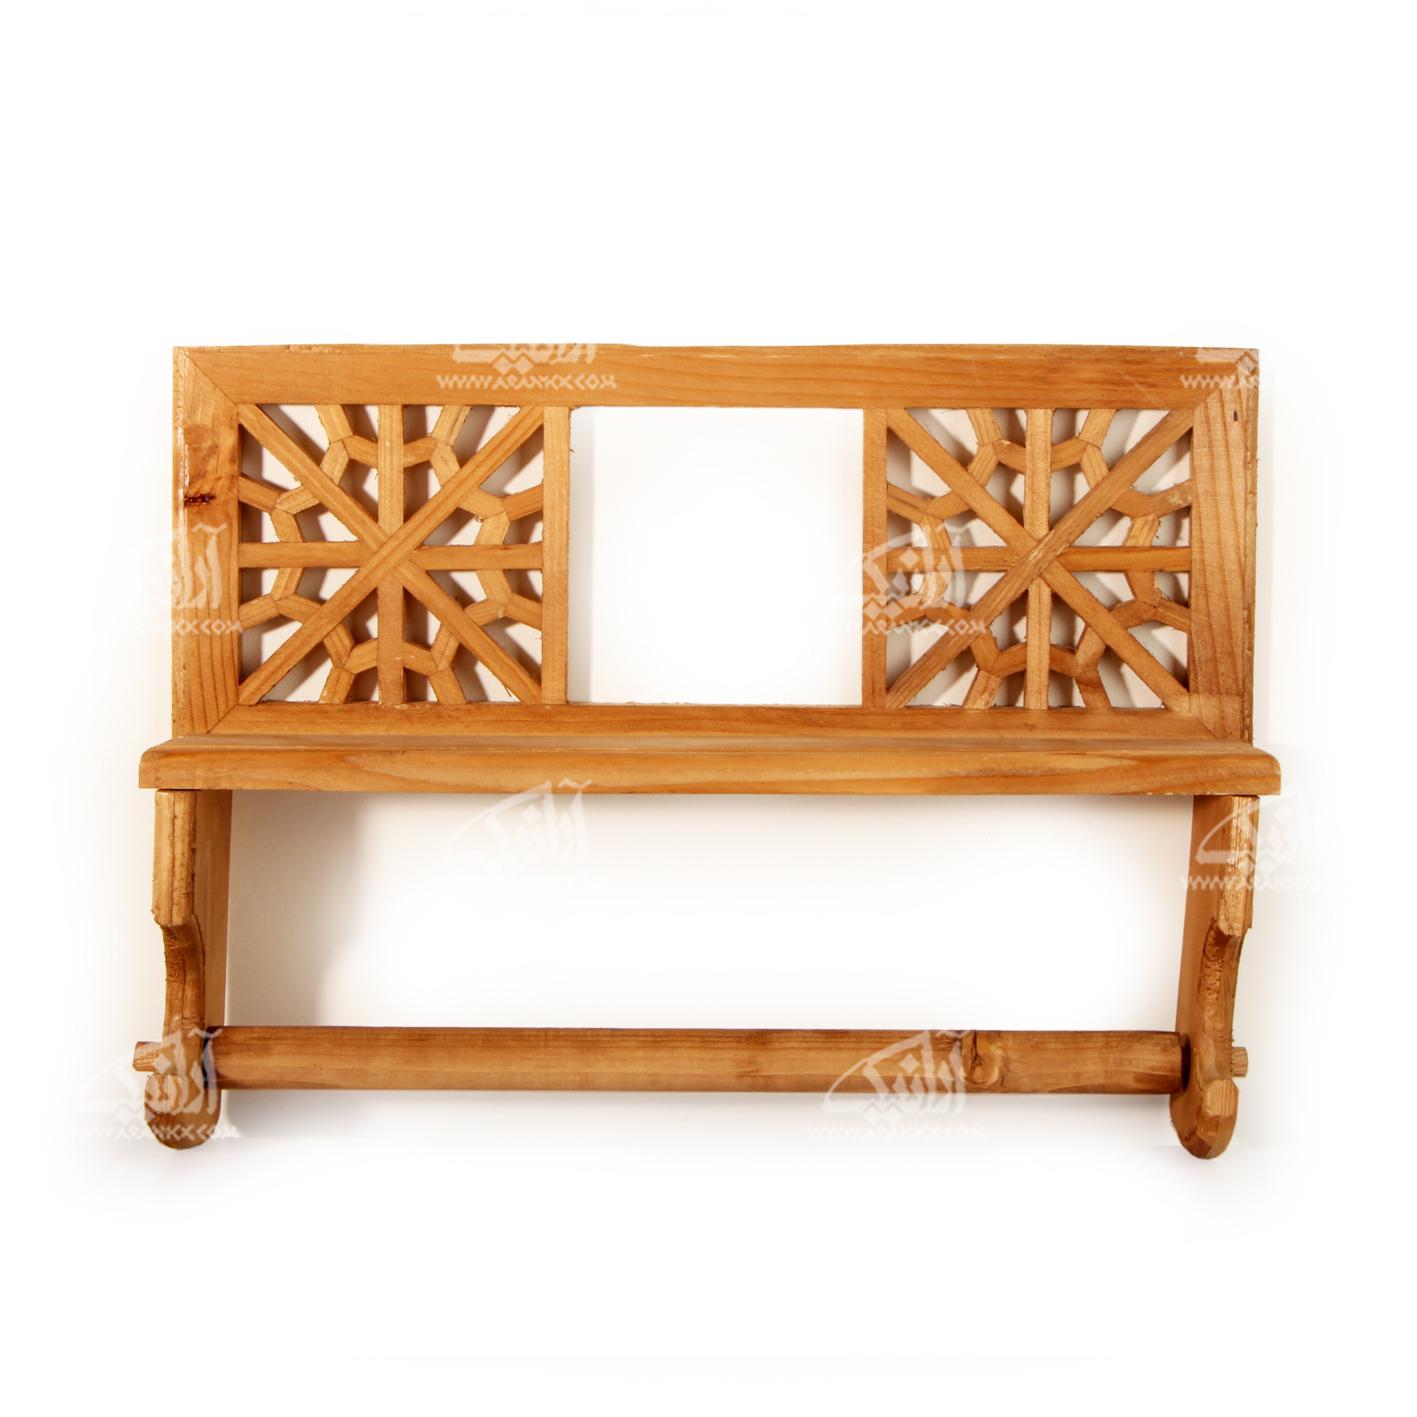 آویز حوله چوبی گره چینی قهوه ای طرح رویا مدل 1419300001